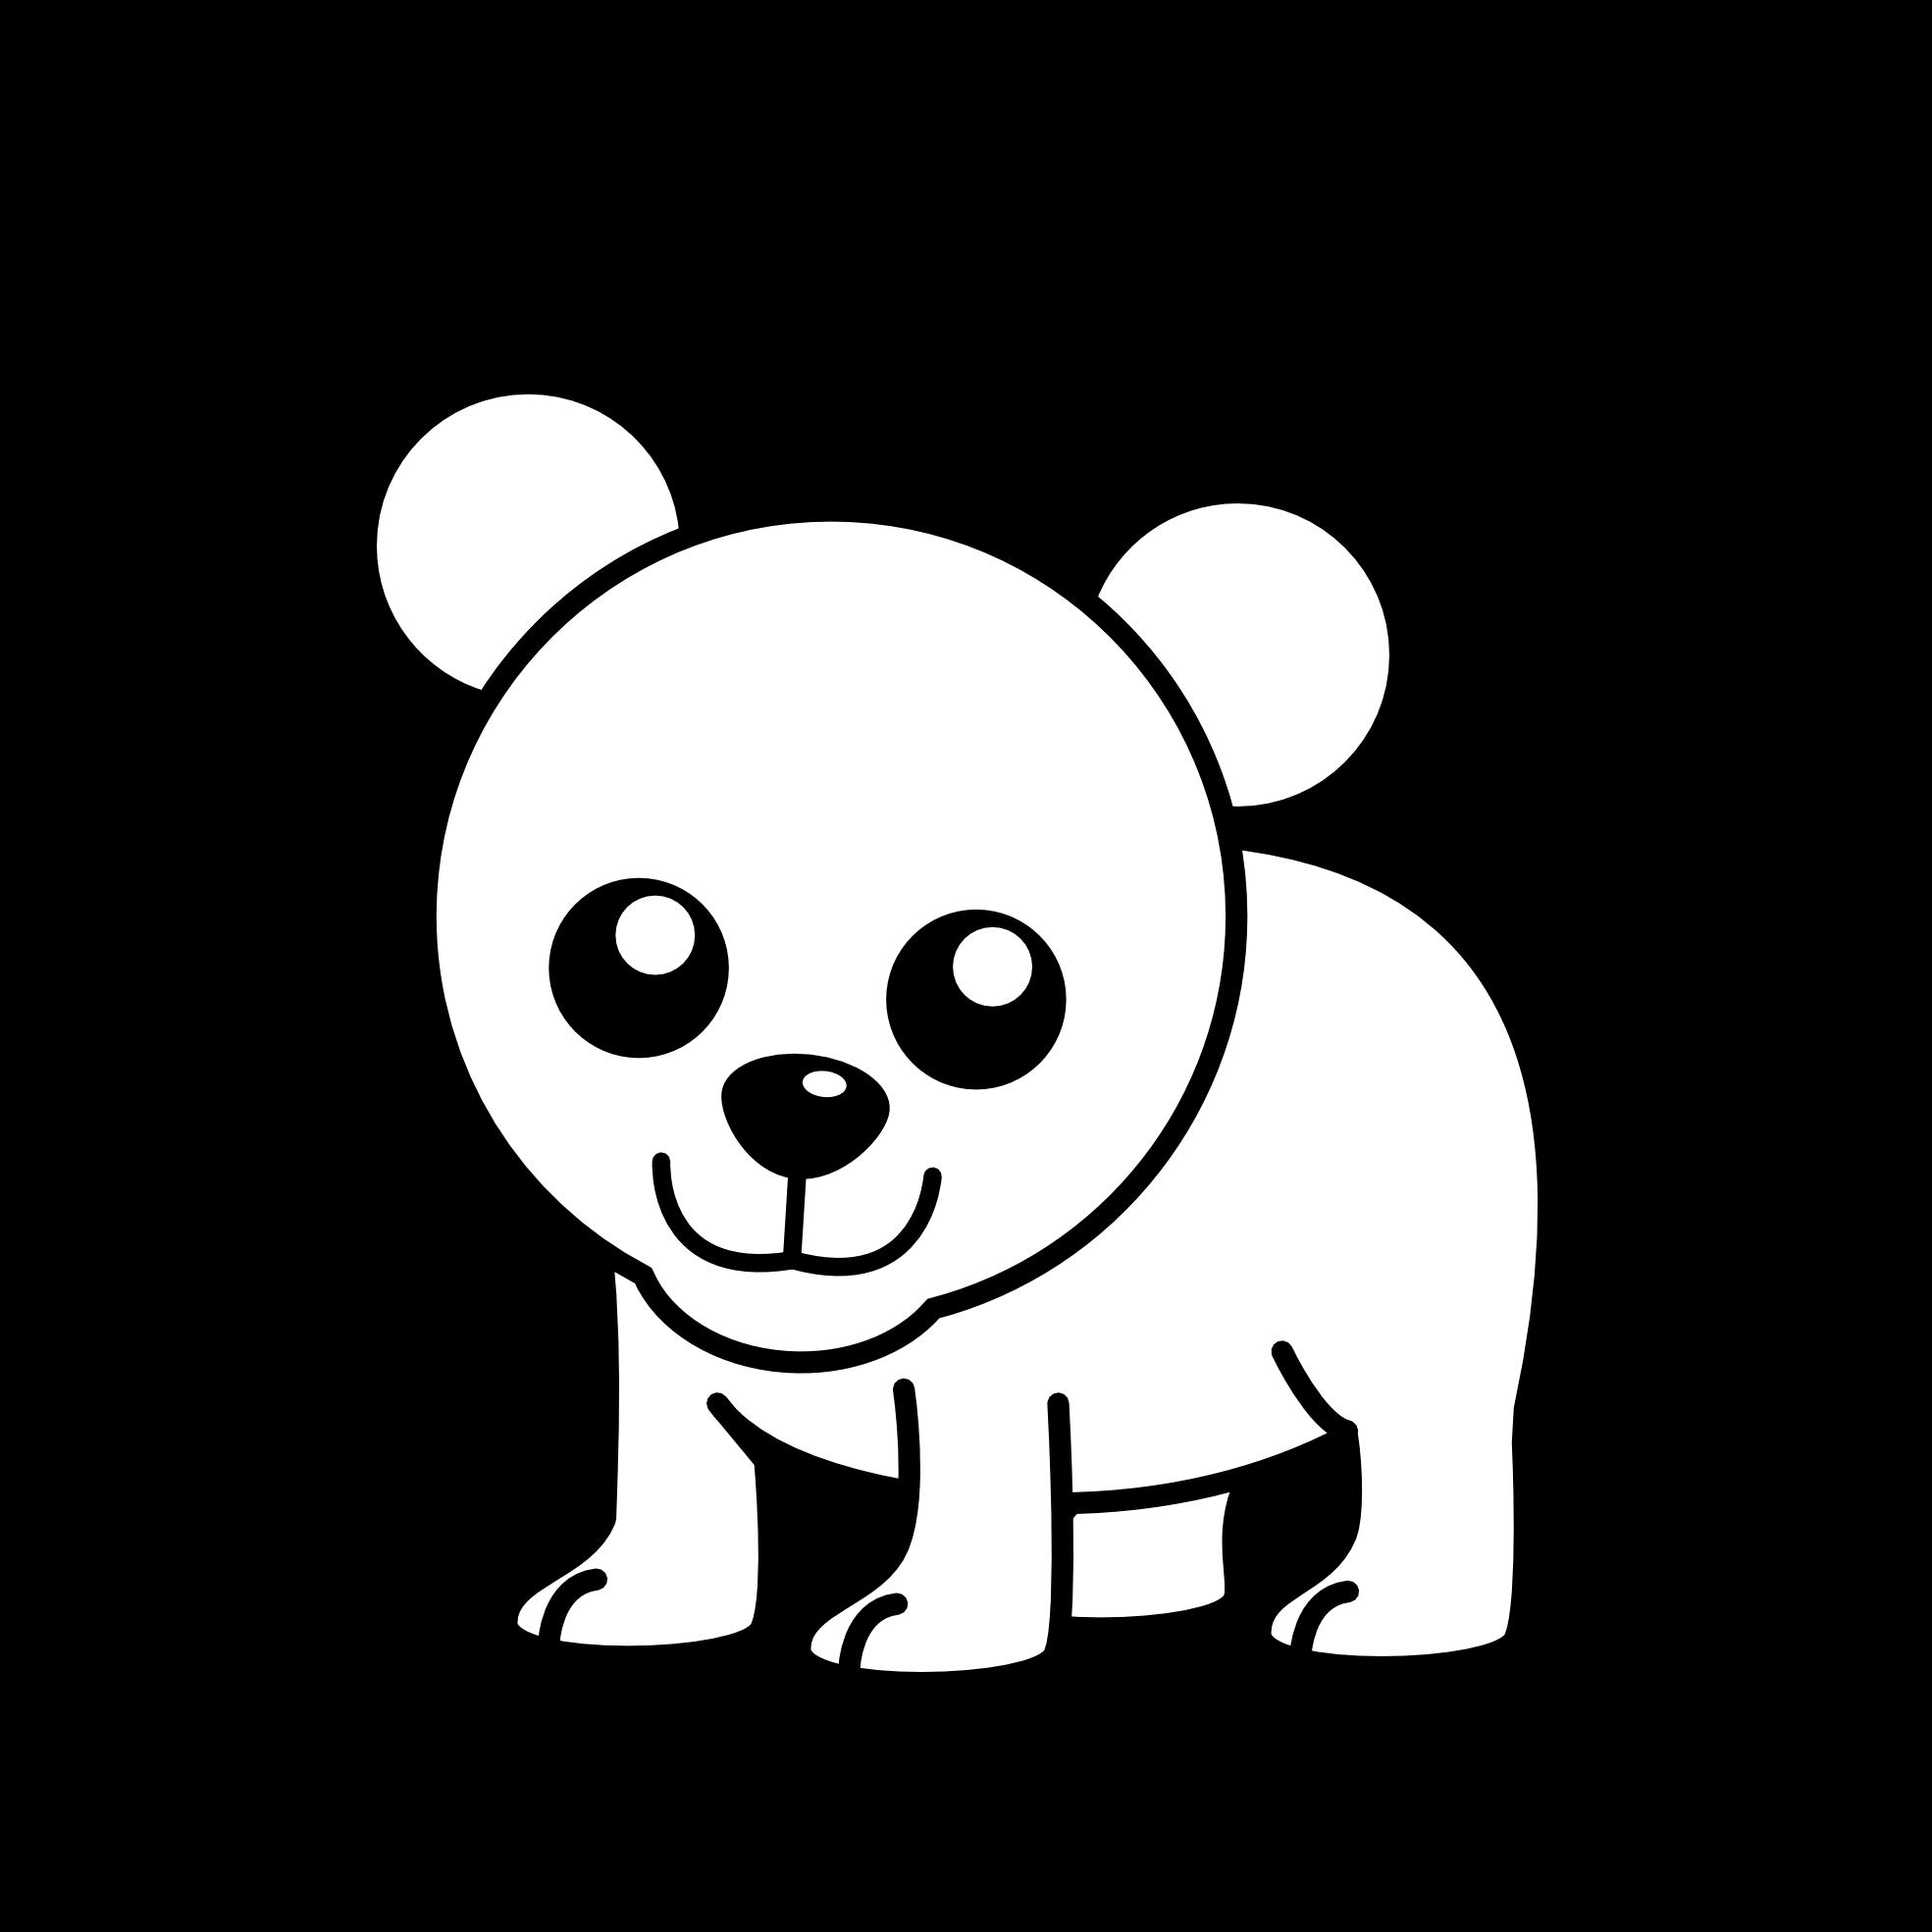 1969x1969 Stock Vector Illustration Of Cute Polar Bear Cartoon 516527587 How